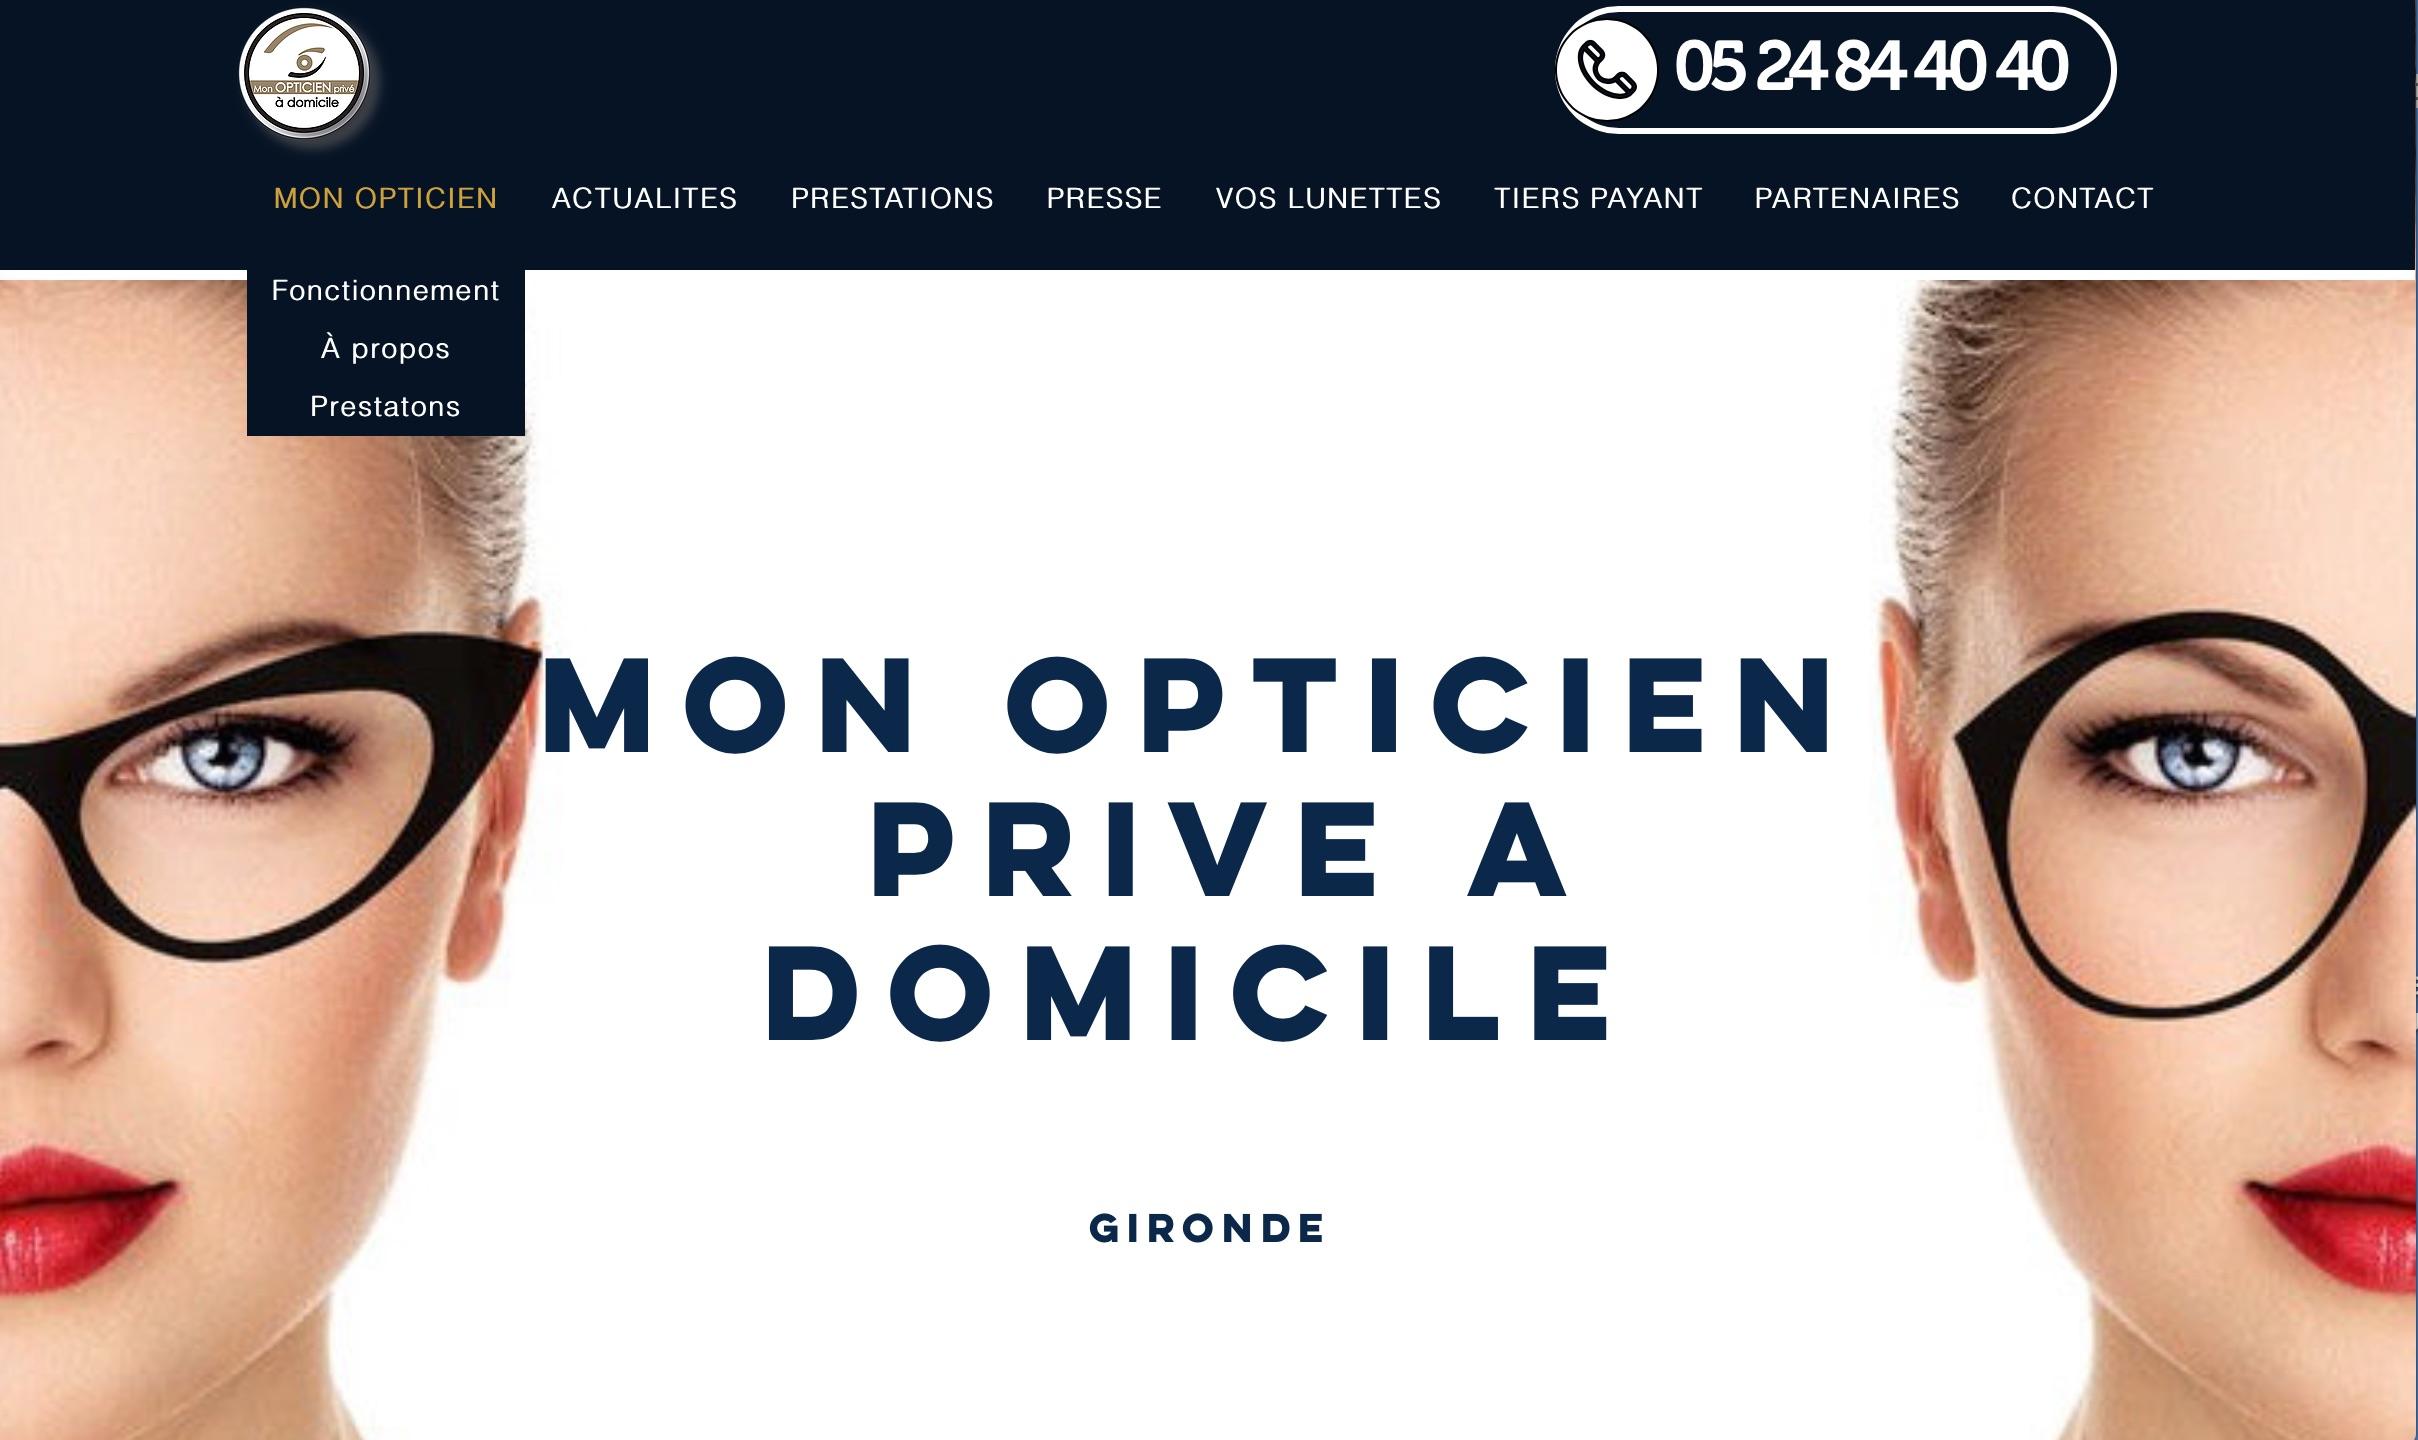 Mon opticien privé, Gironde / France